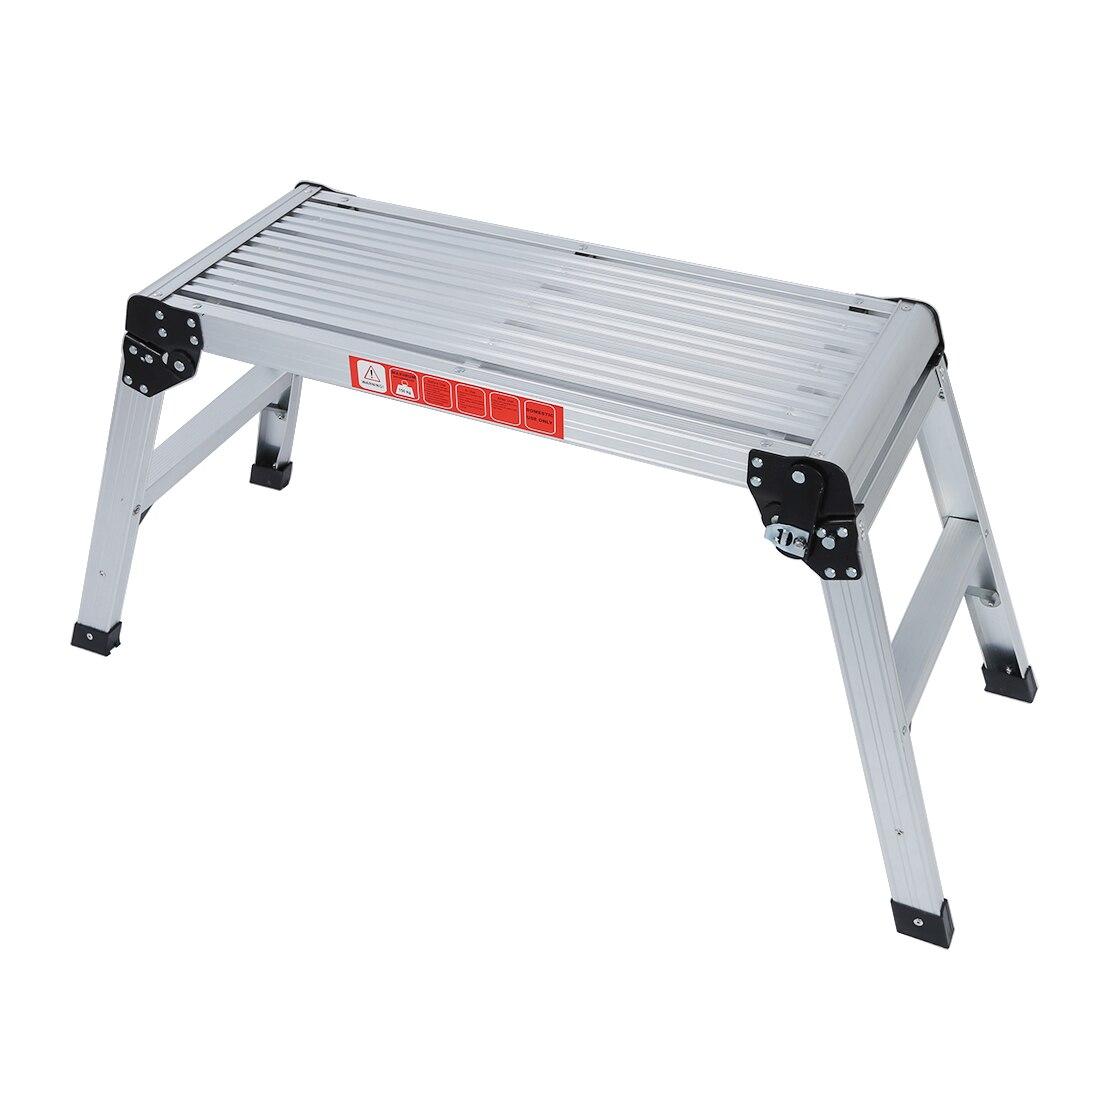 Promotion! Escabeau pliant EN131 et CE 150Kg de banc de travail de plate-forme en Aluminium montent 775 MM